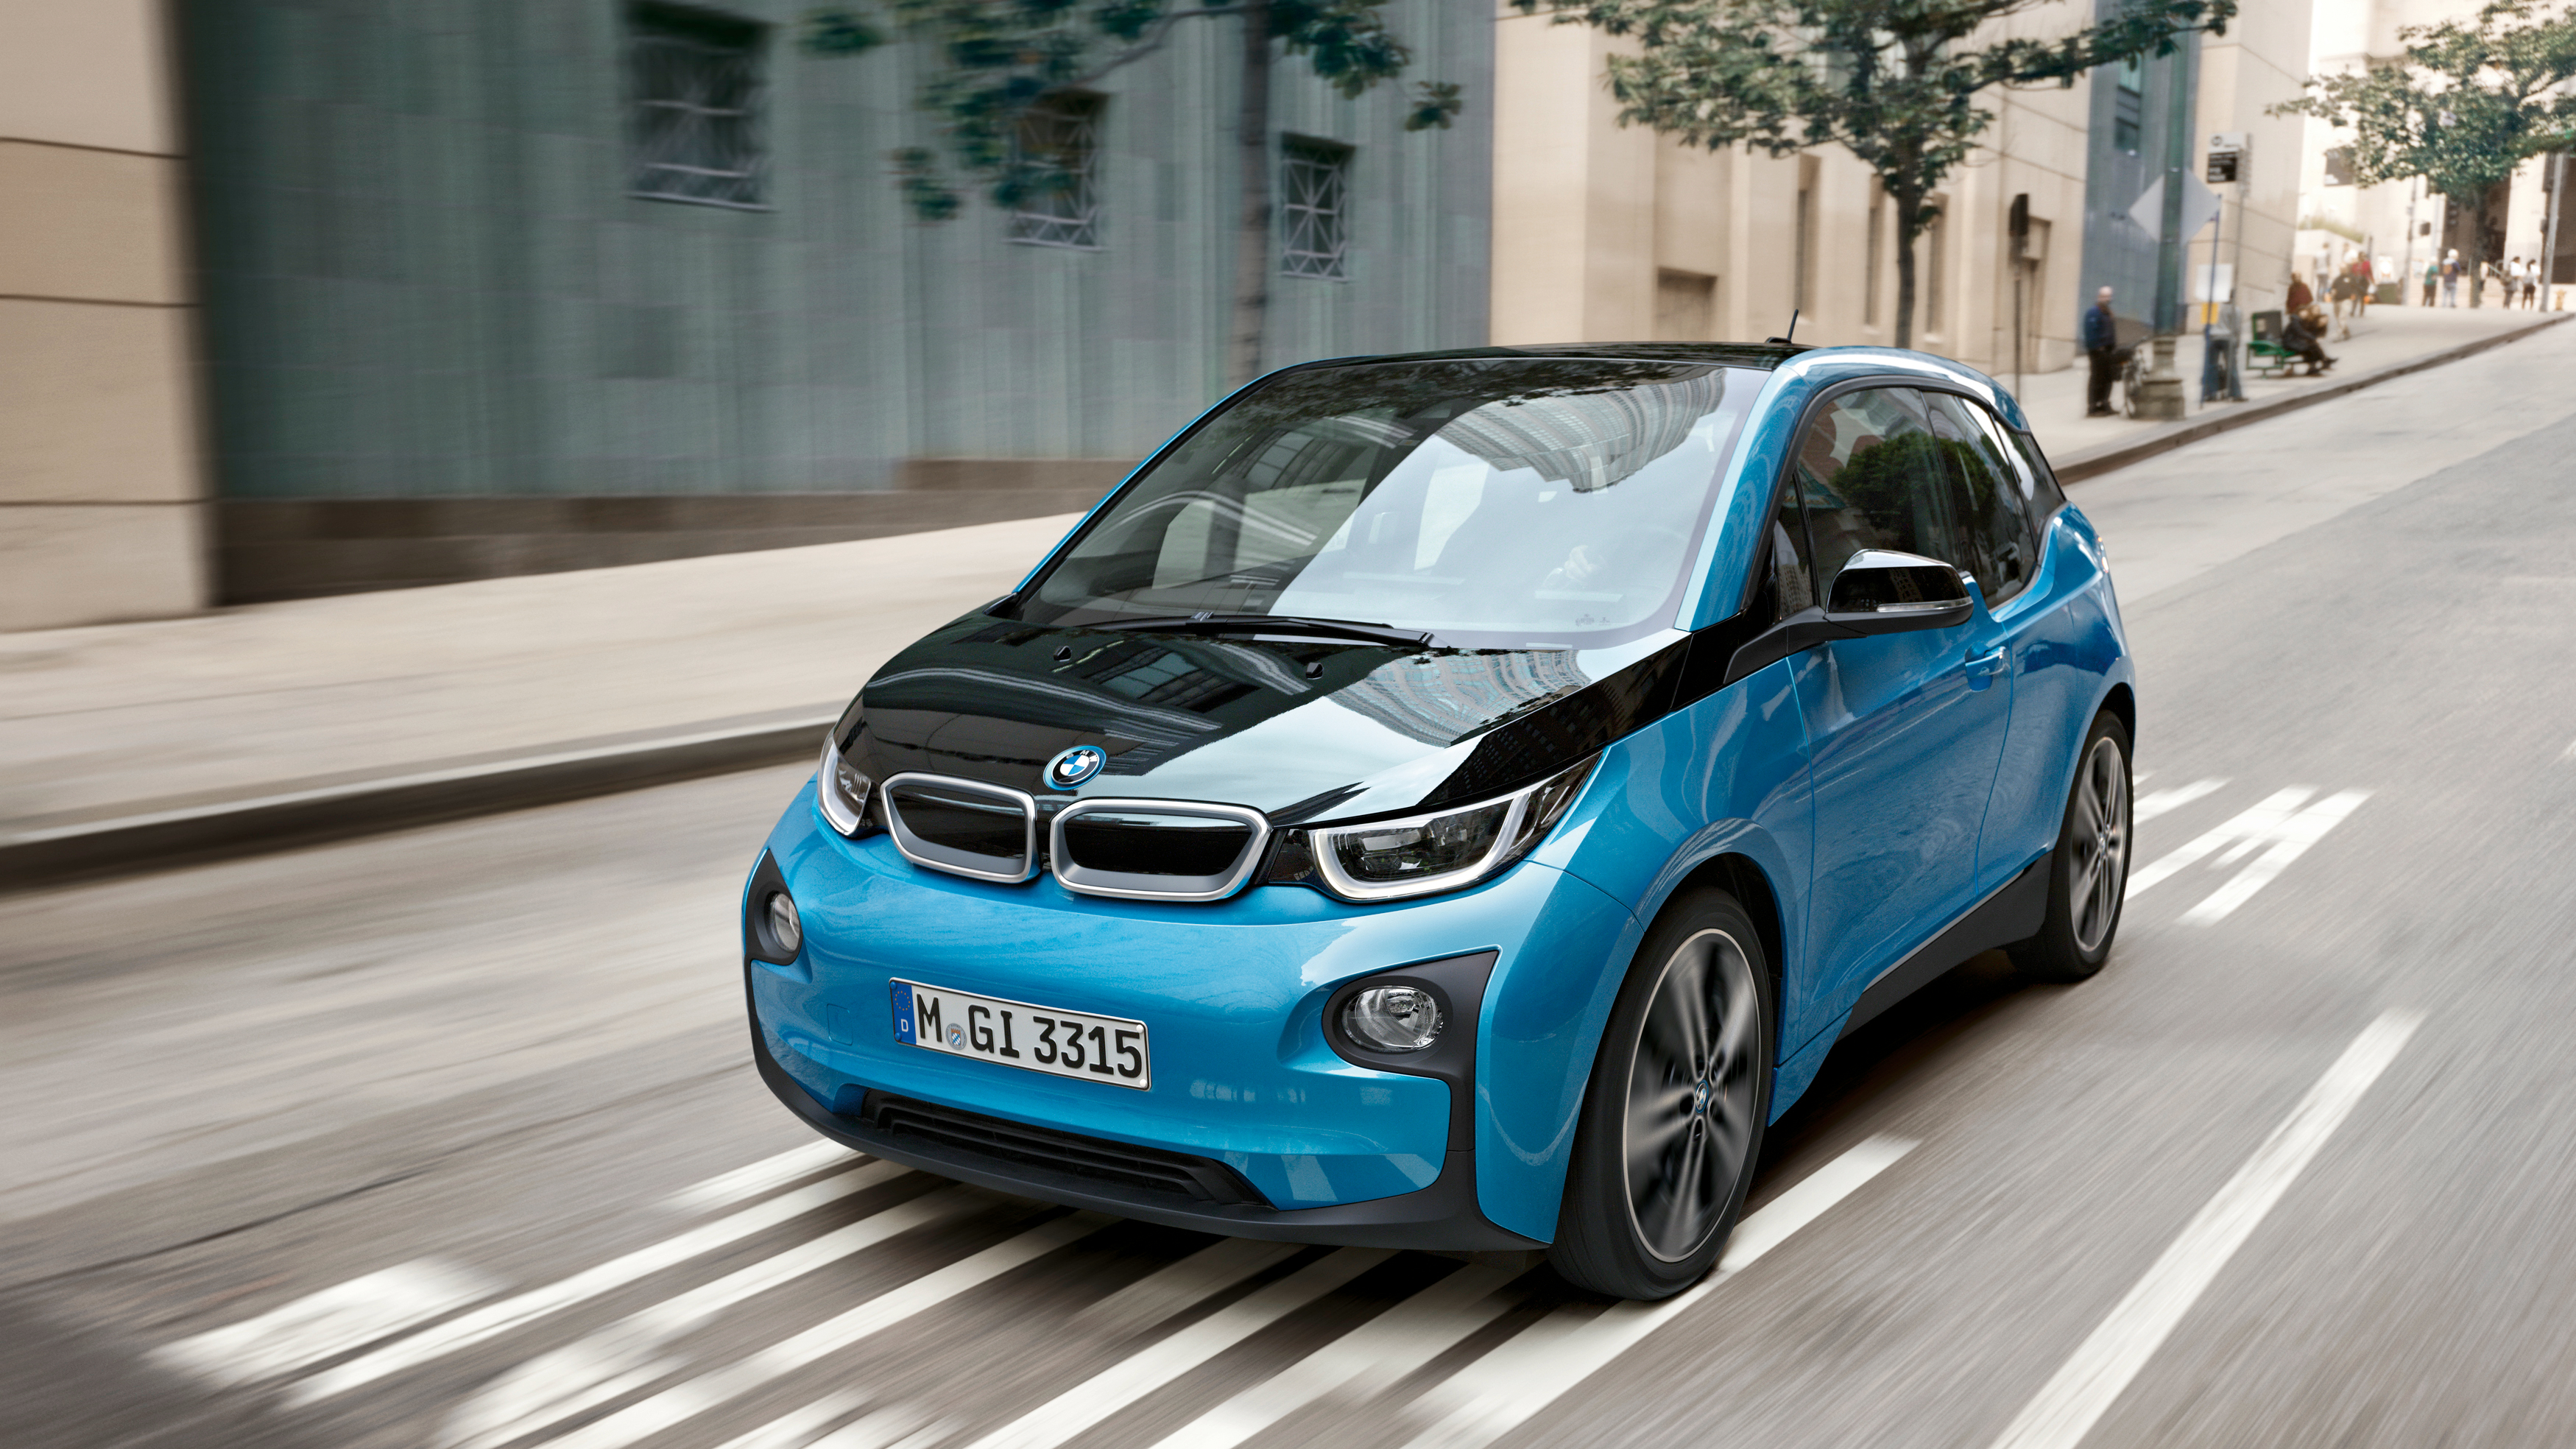 Autoindustrie tritt bei Förderprogramm auf die Bremse